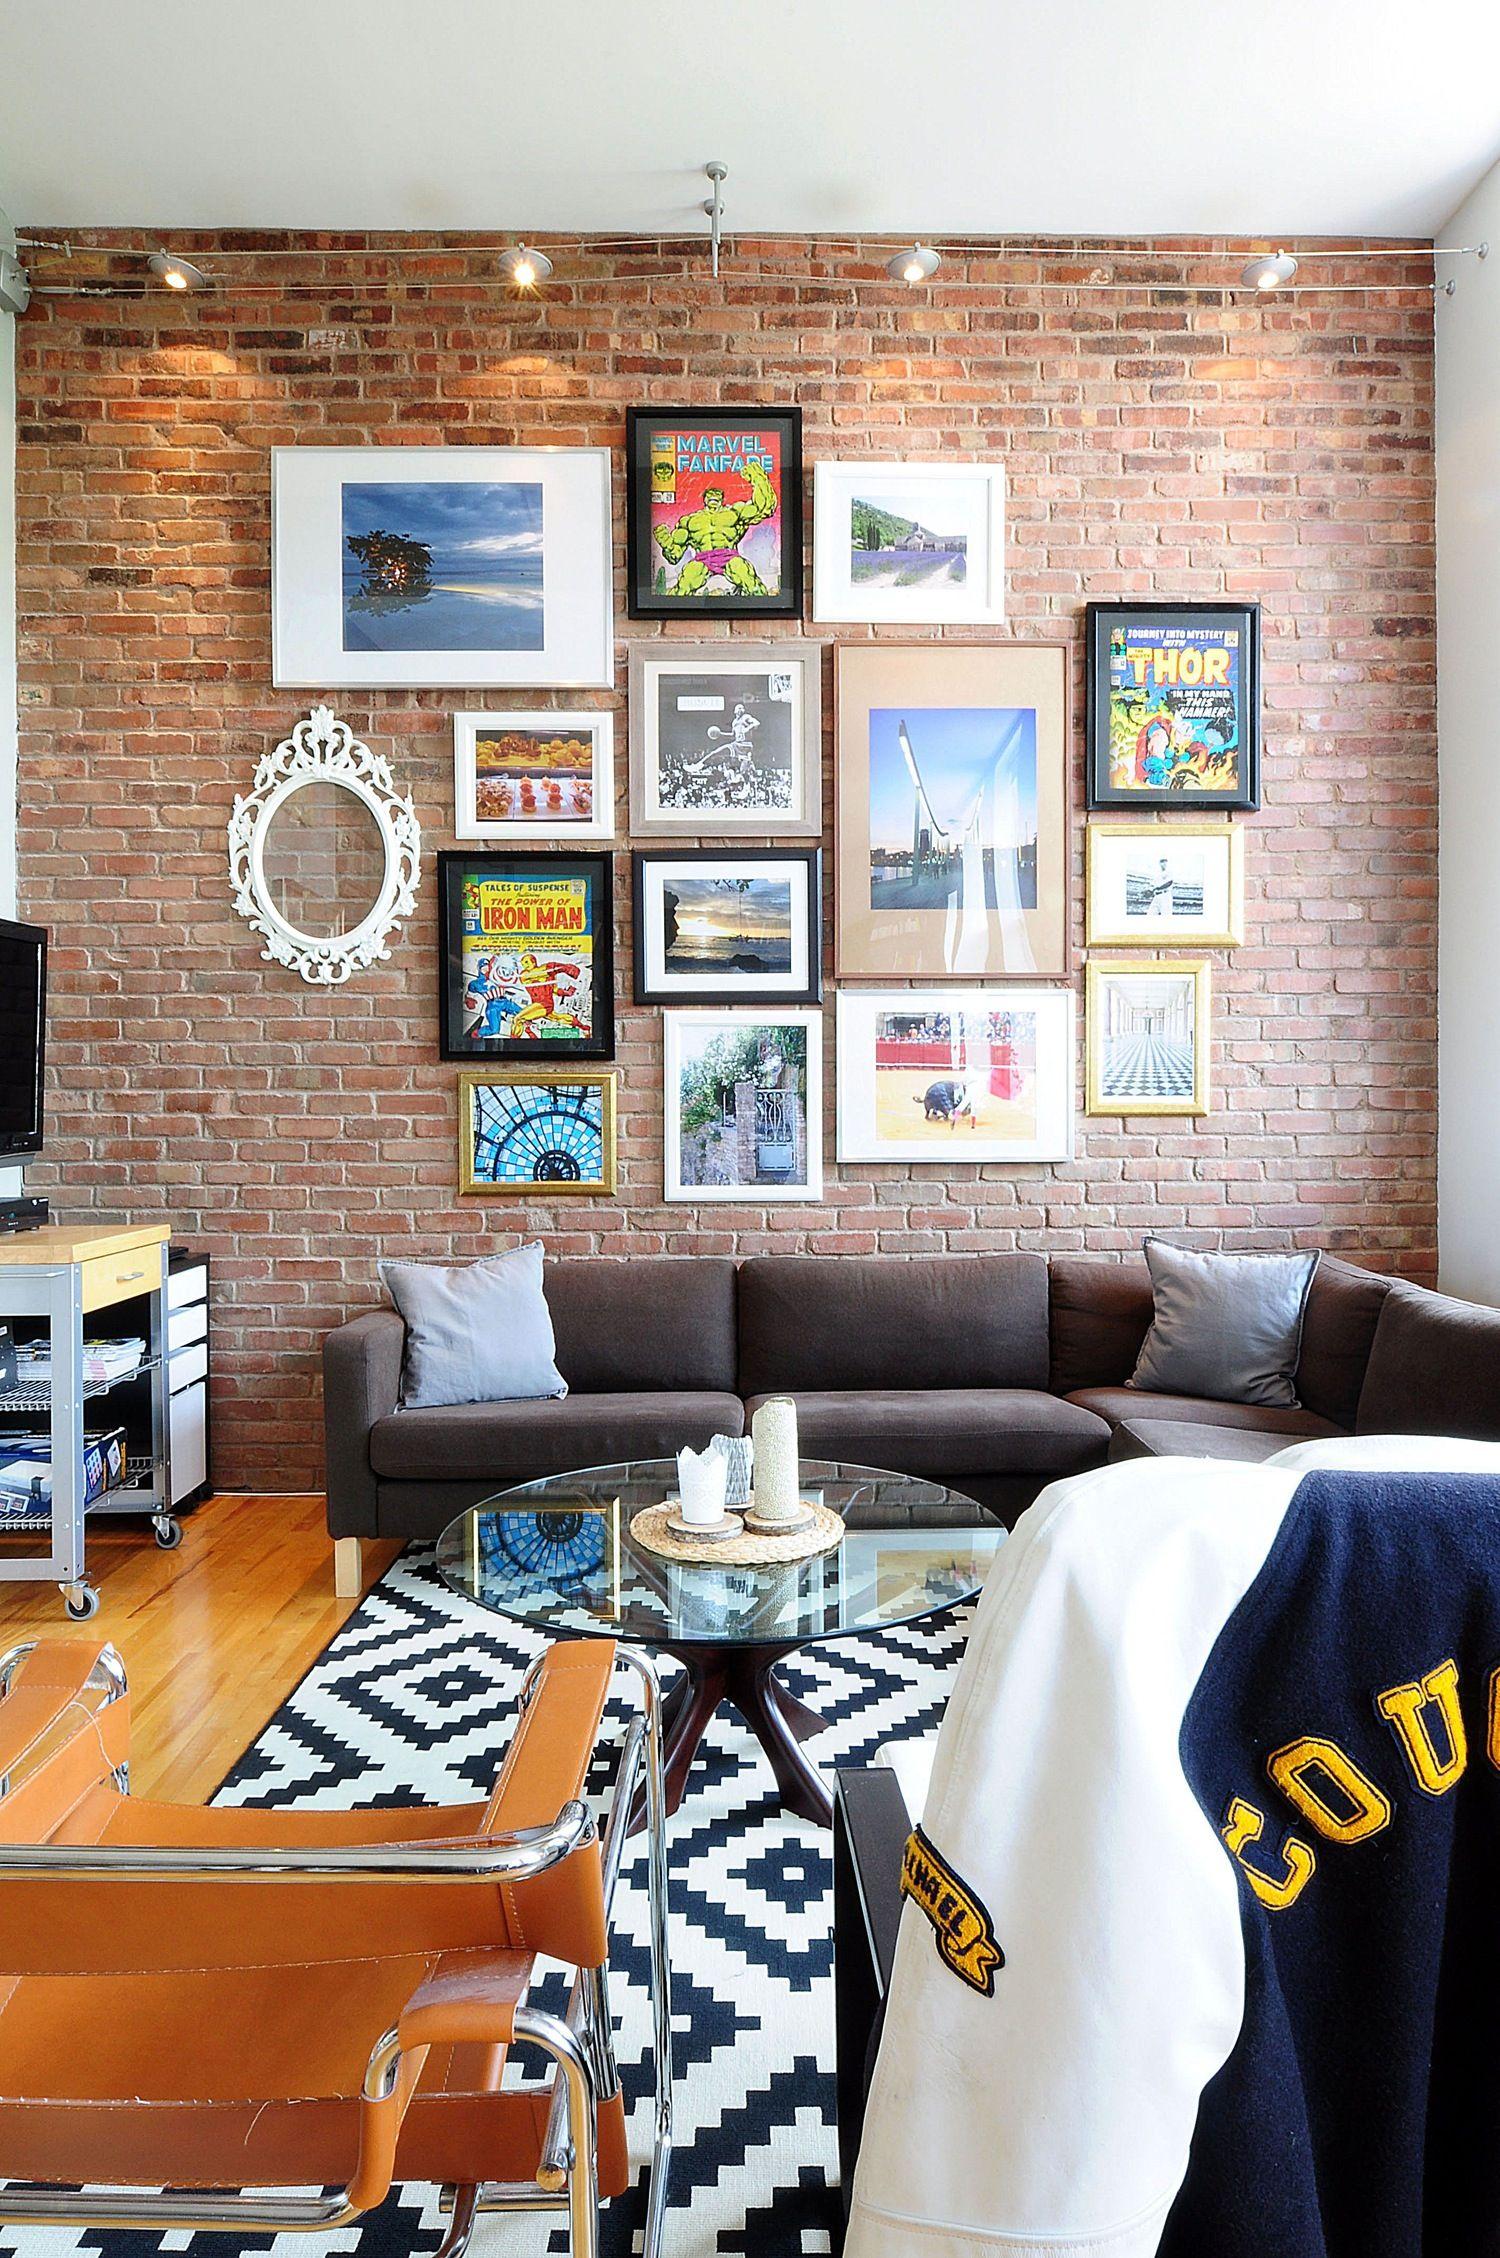 Hip Patterned Industrial Style In A Montreal Loft Wohnungseinrichtung Wohungsdekoration Kleine Wohnung Wohnzimmer